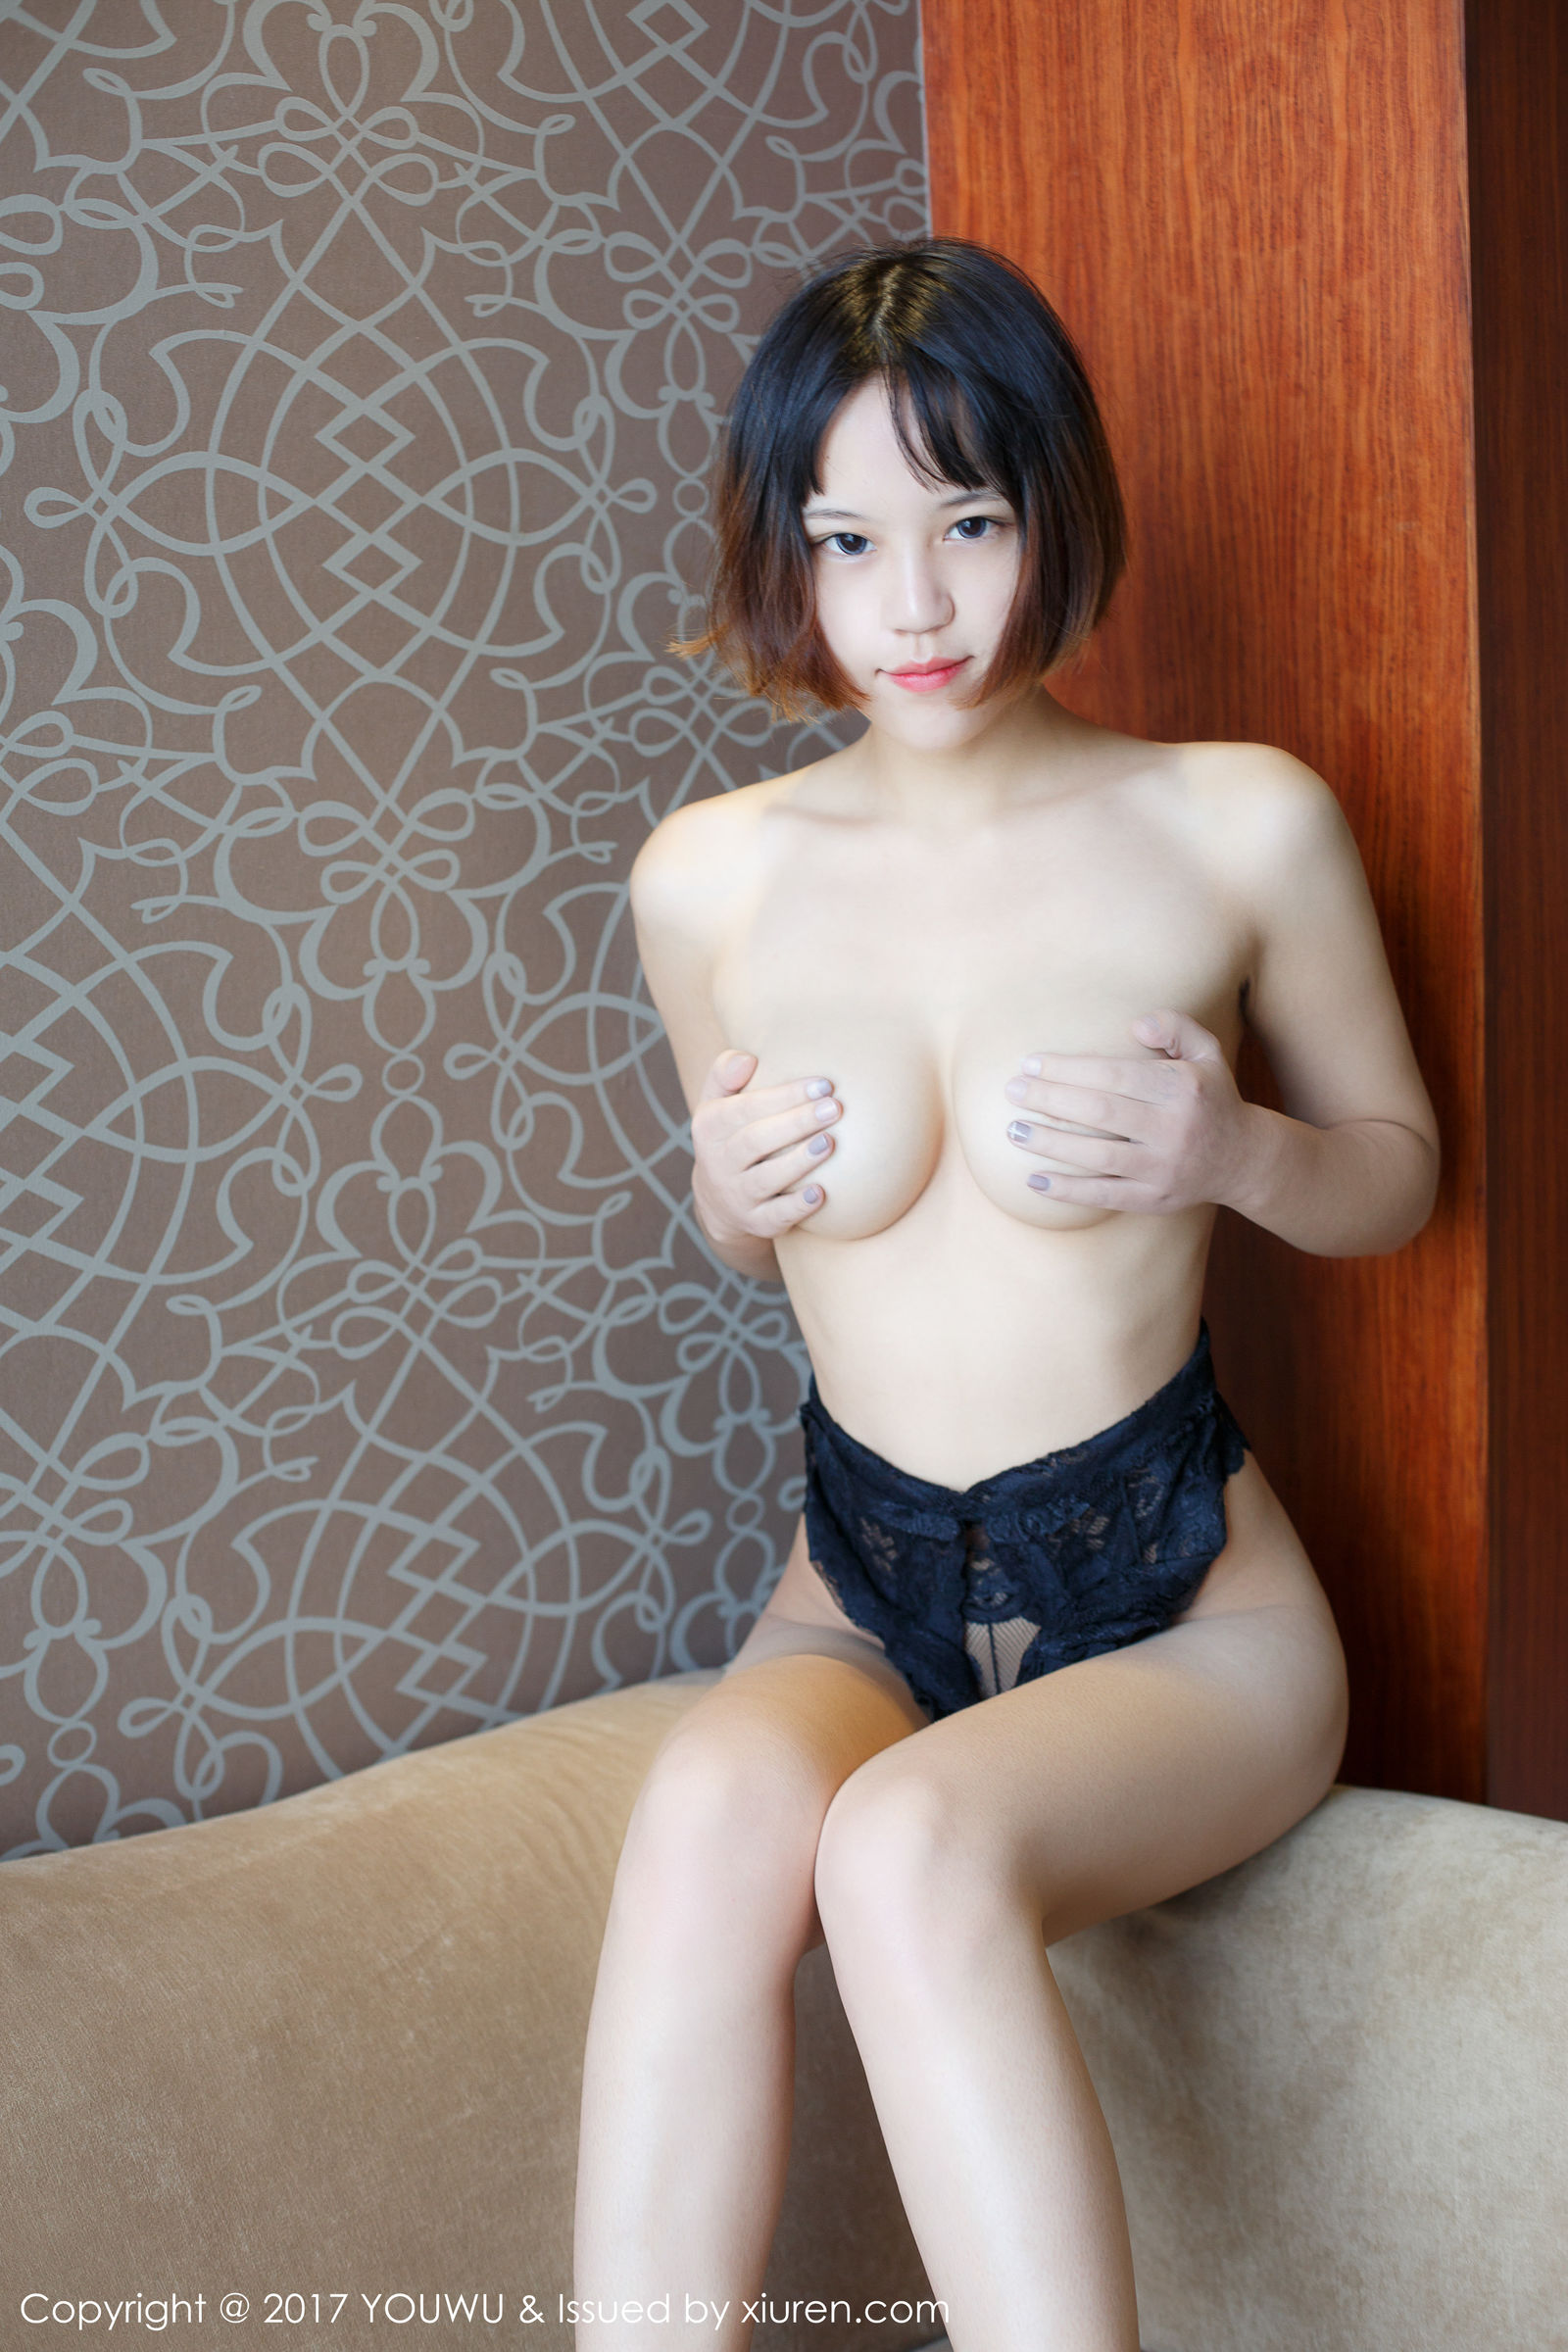 新人模特@SISI王小西儿首套写真